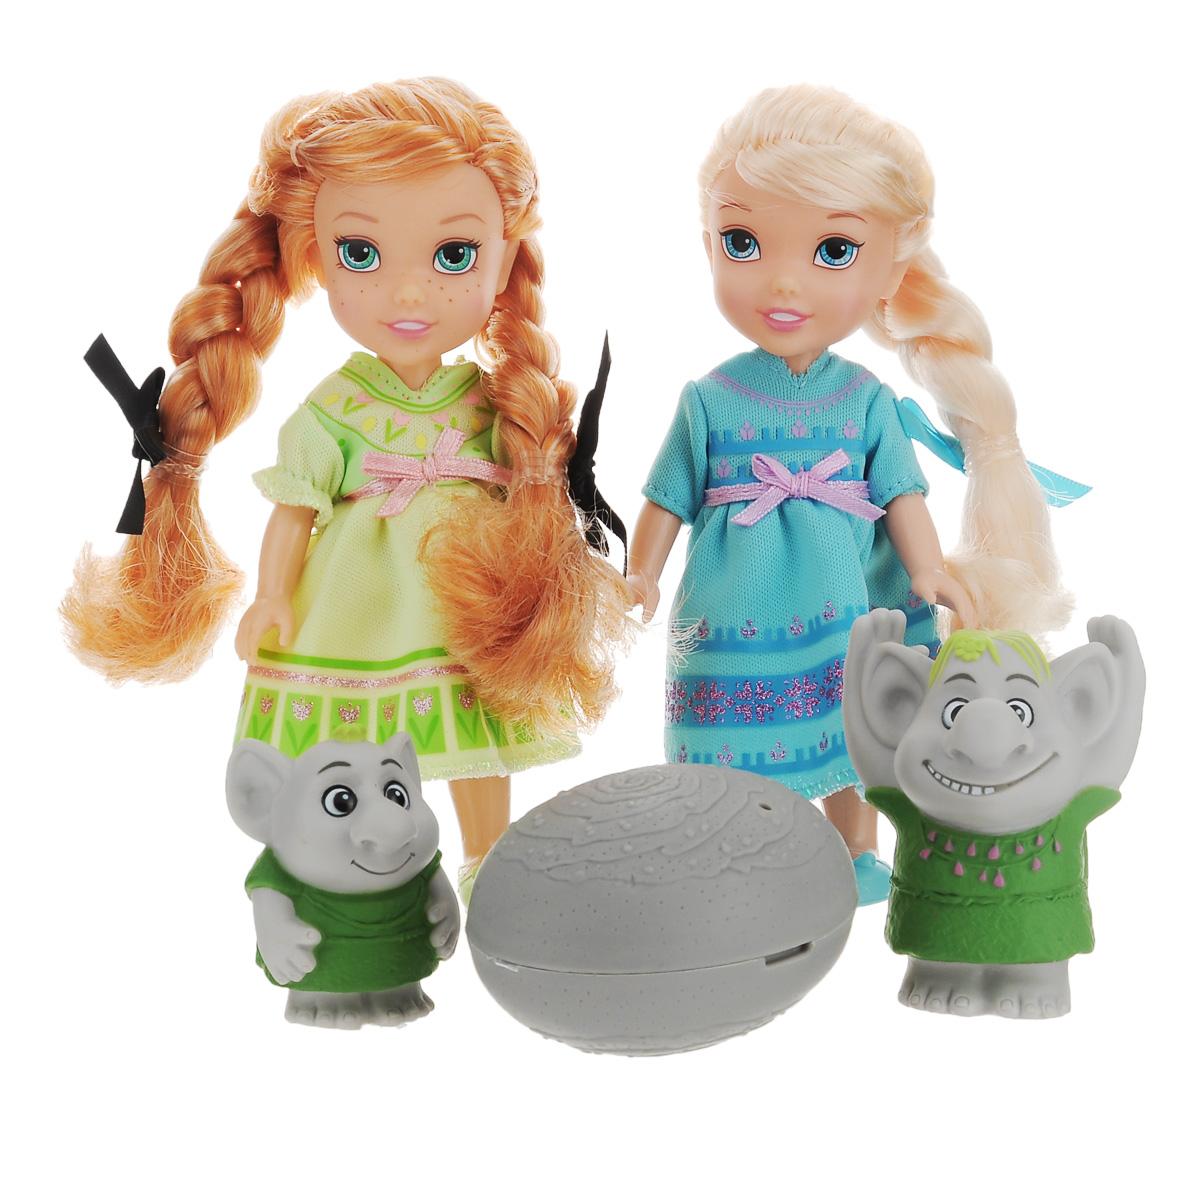 Disney Princess Игровой набор с мини-куклами Холодное Сердце. Эльза, Анна и тролли310630Игровой набор Disney Frozen Холодное Сердце: Эльза, Анна и тролли придется по душе каждой маленькой принцессе. В набор входят 2 очаровательные куклы - Эльза и Анна, а также 2 фигурки в виде забавных троллей и аксессуар в виде камня. Куклы одеты в прелестные домашние платья, на ножках - удобная обувь. Их длинные волосы, заплетенные в косы, можно расчесывать. У куколок двигаются ручки, ножки и голова. В камне может спрятаться один из троллей. Ваша малышка часами будет играть с набором, придумывая разные истории с героями любимого мультфильма. Порадуйте ее таким замечательным подарком!